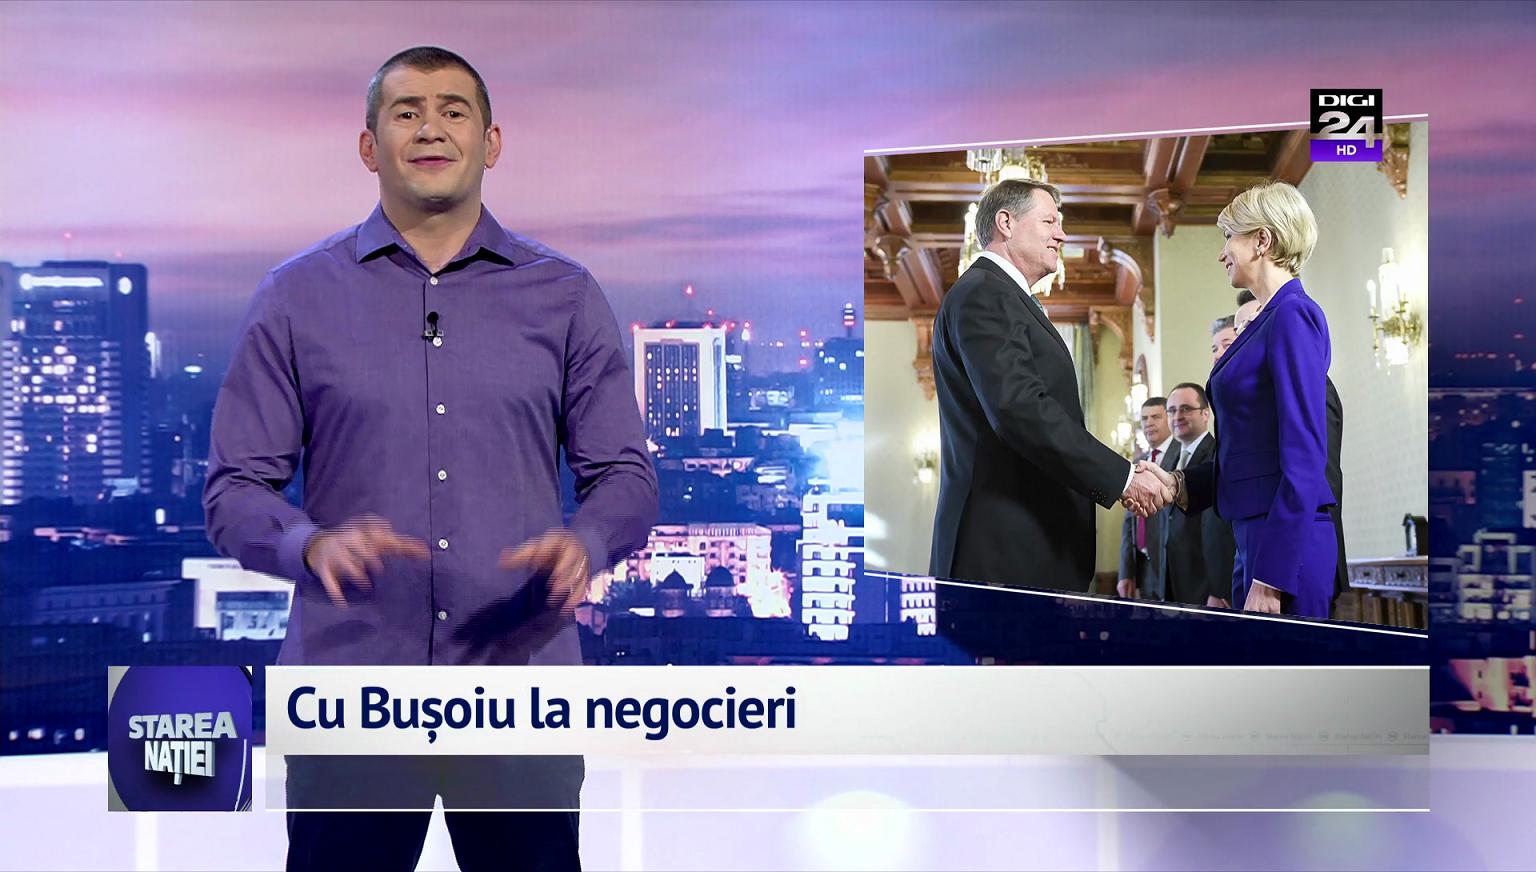 Cu Bușoiu la negocieri